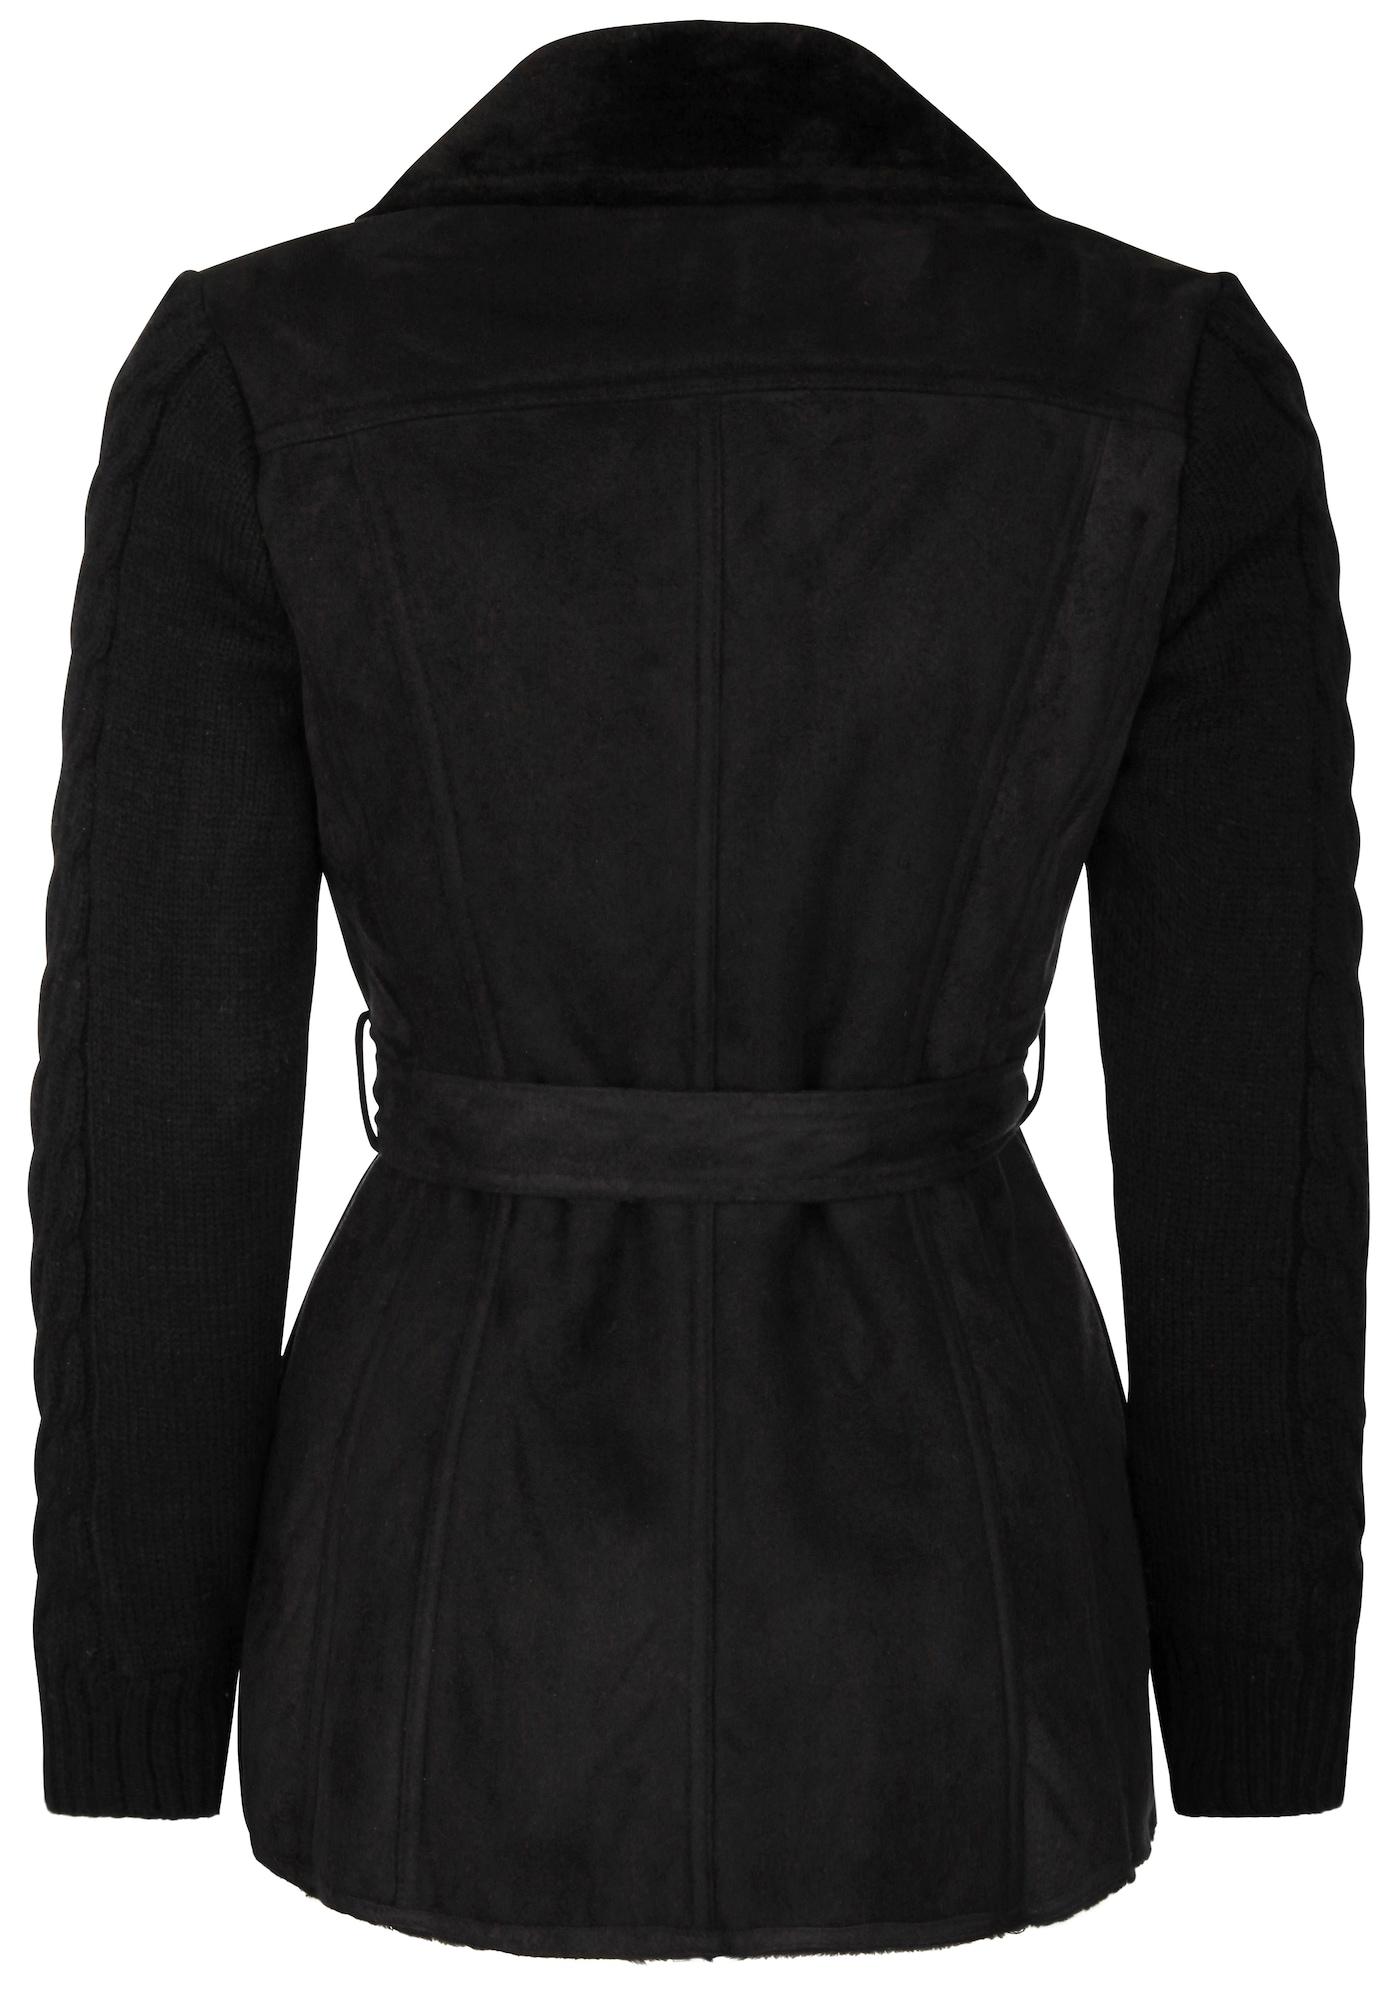 94341237a21608 Material: Lederimitat; Mantelart: Trenchcoat; Muster: Unifarben; Farben pro  Pack: